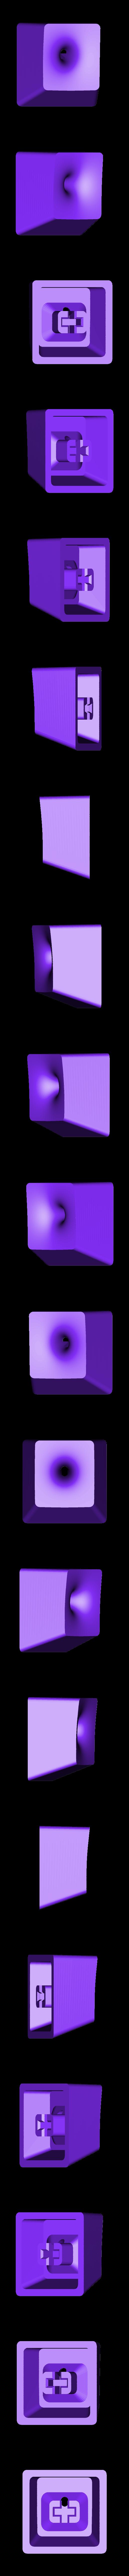 gabriels_horn_inverted.stl Télécharger fichier STL gratuit Capsules mathématiques • Objet à imprimer en 3D, rsheldiii